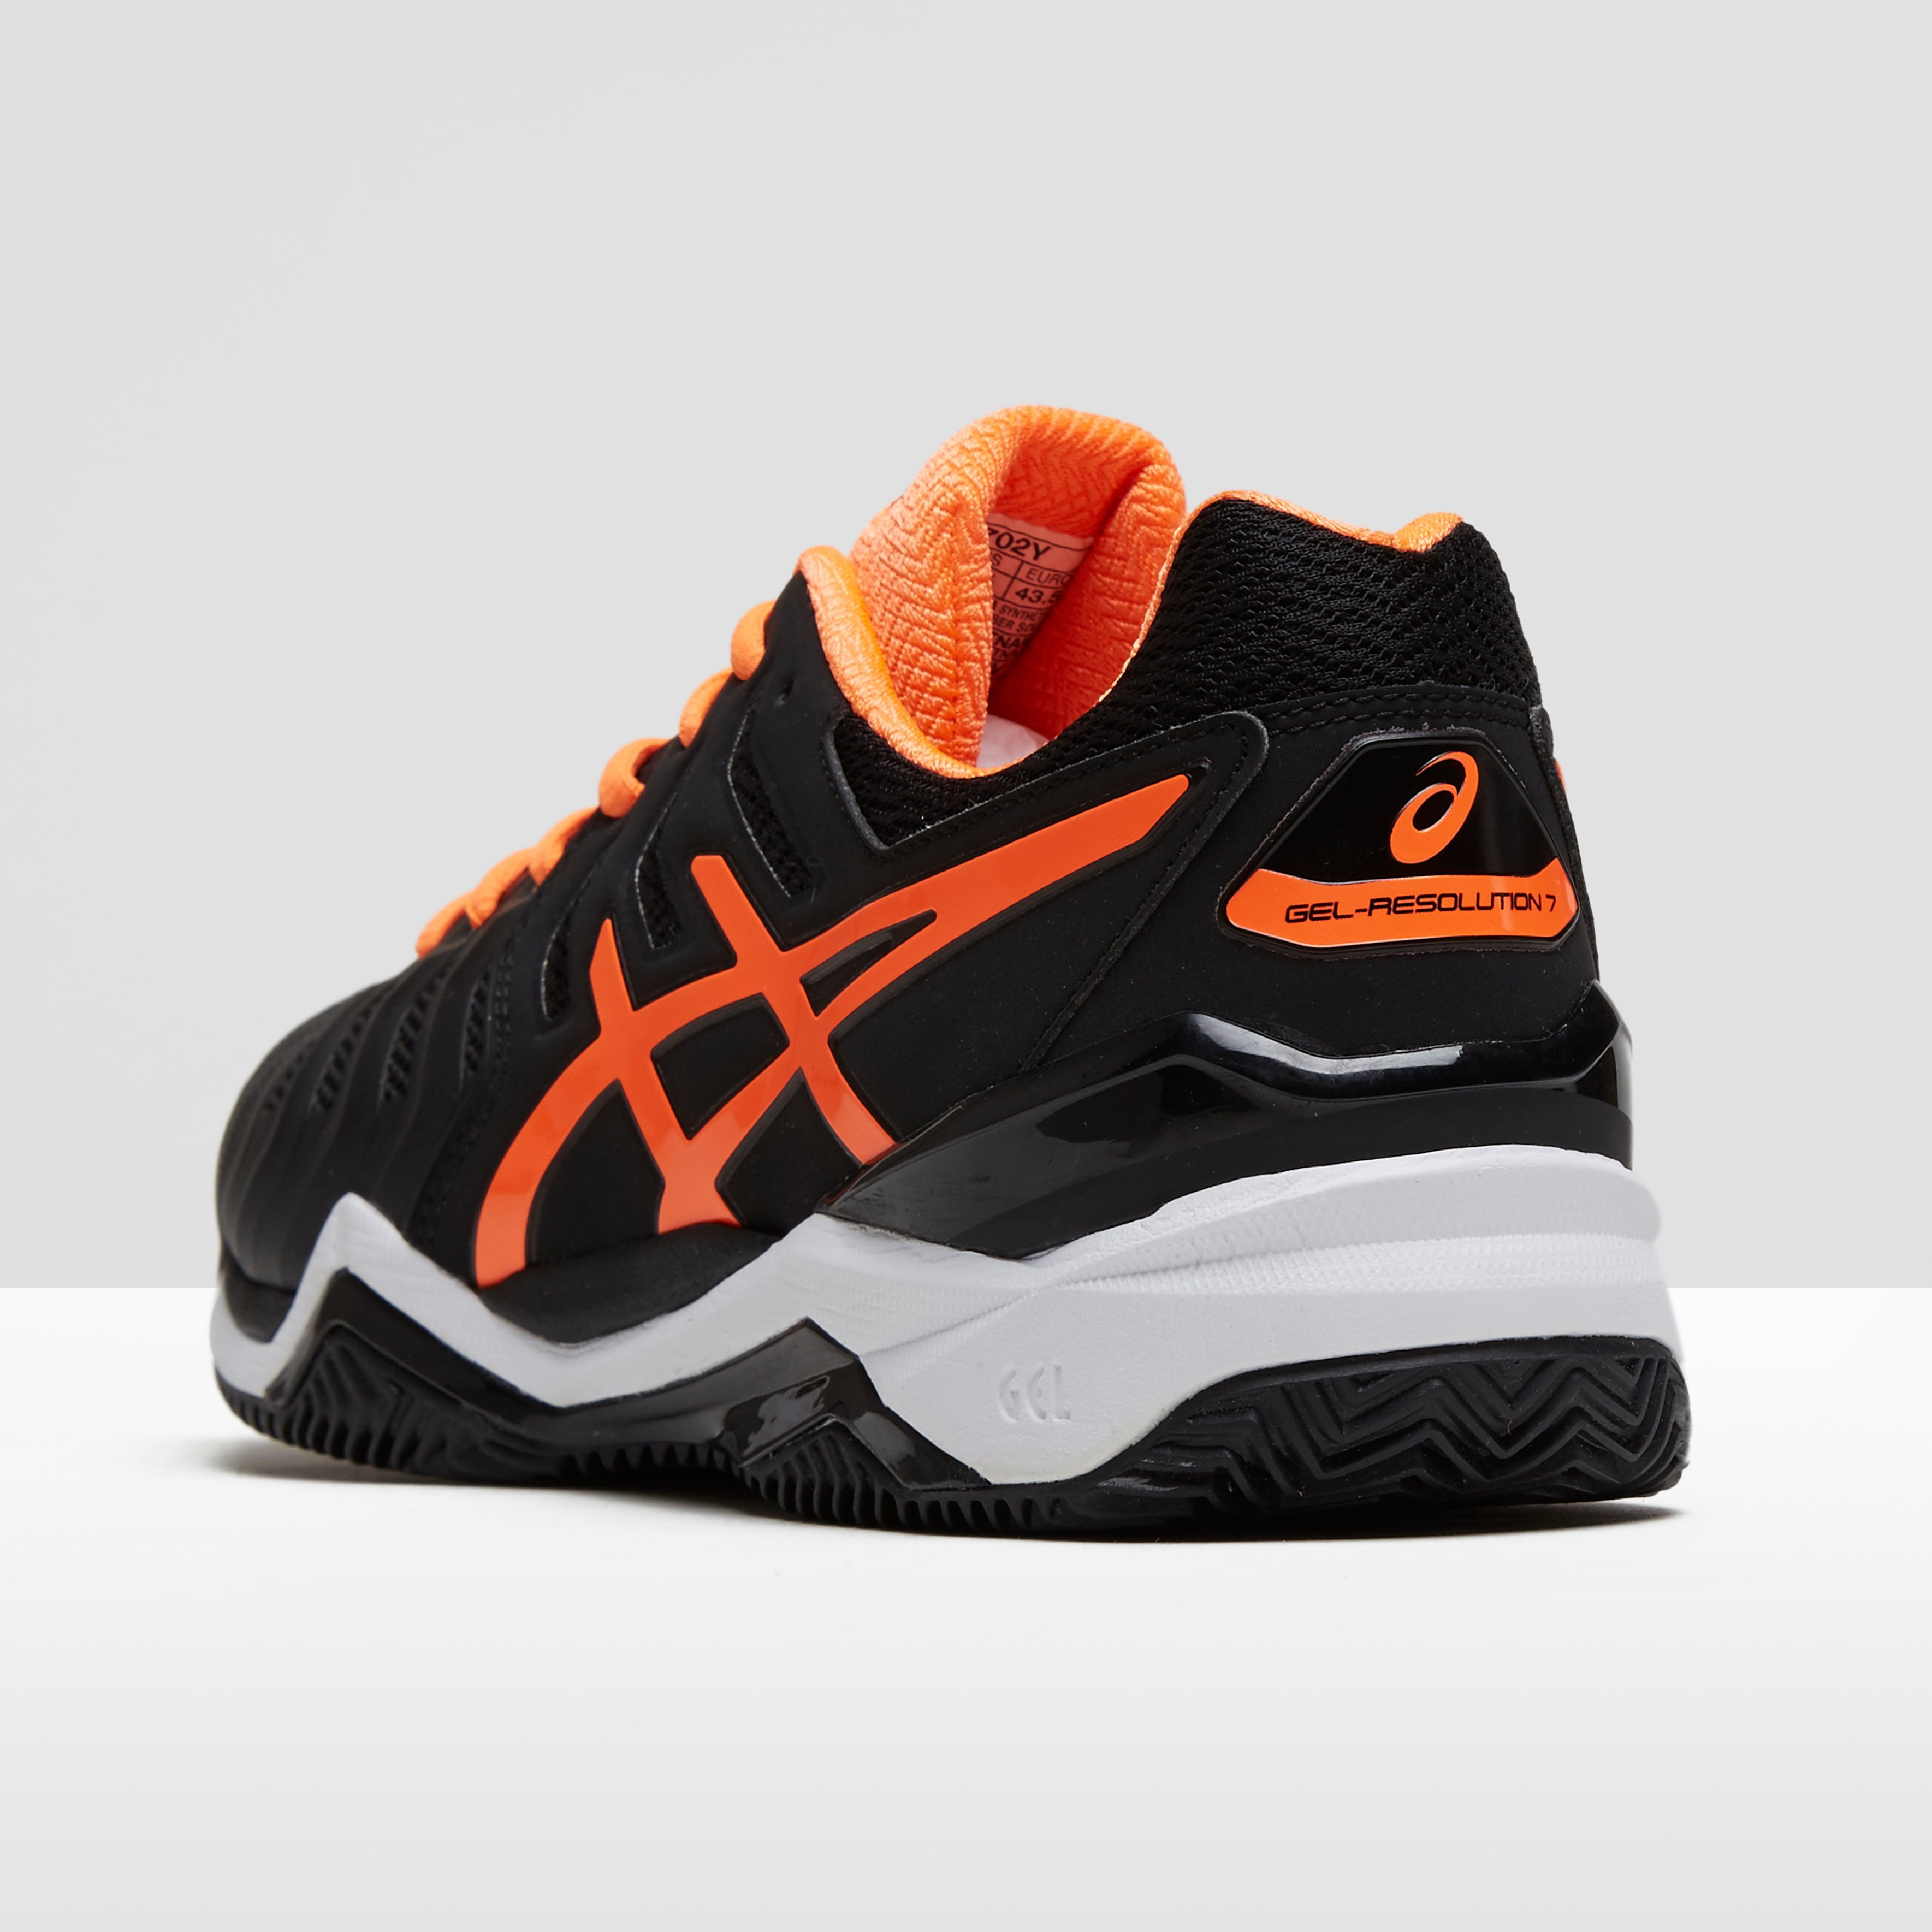 Résolution De Gel Noir Asics 7 Chaussures Pour Les Hommes XKqaaw4